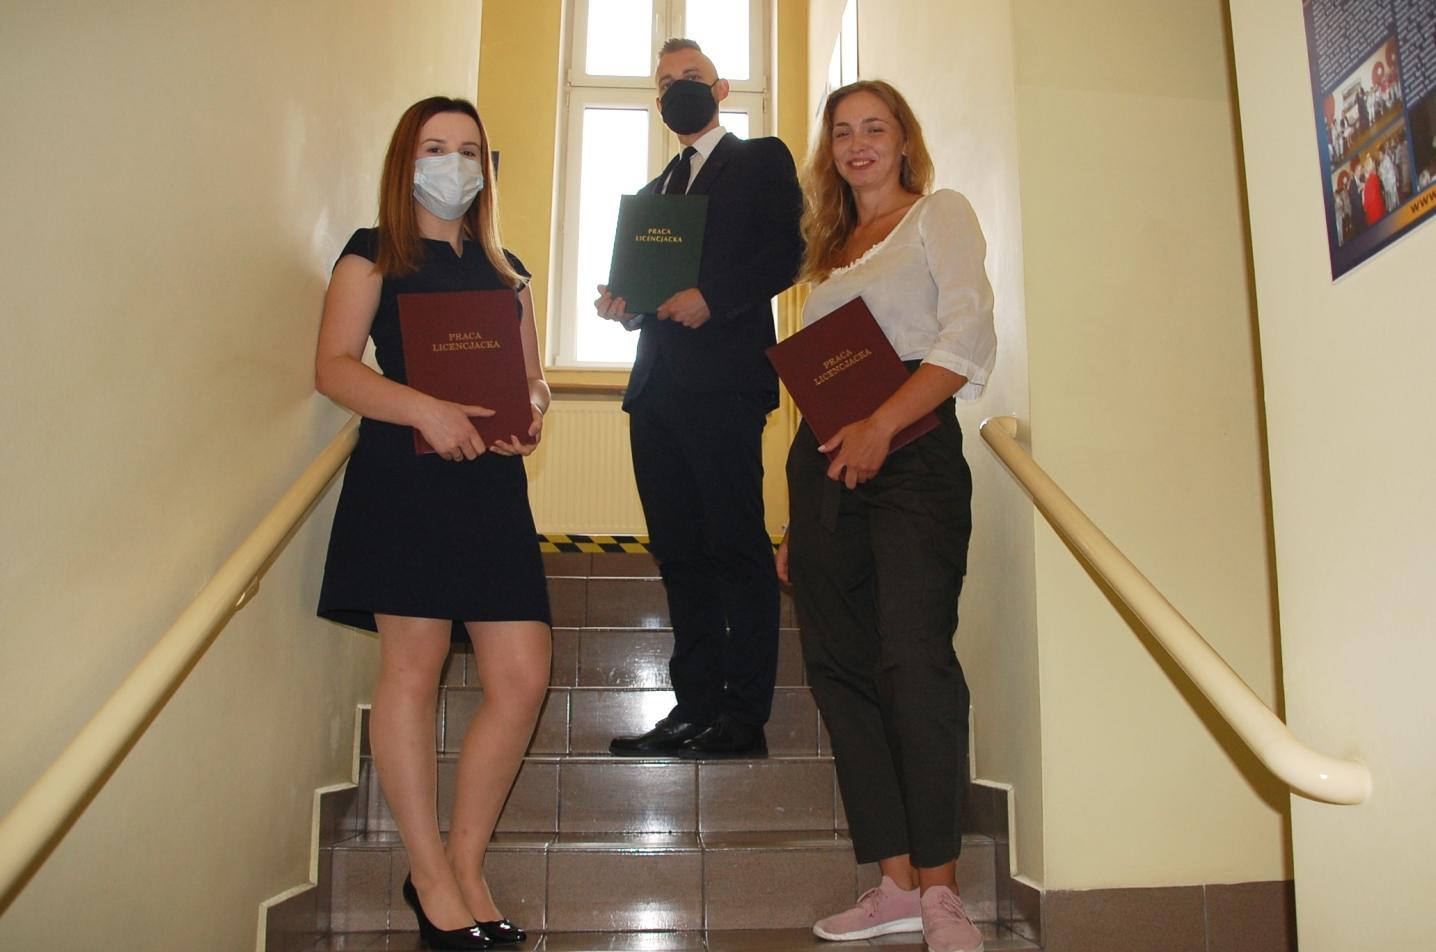 Troje studentów pozuje z pracami dyplomowymi na schodach budynku przy Szerokiej 9